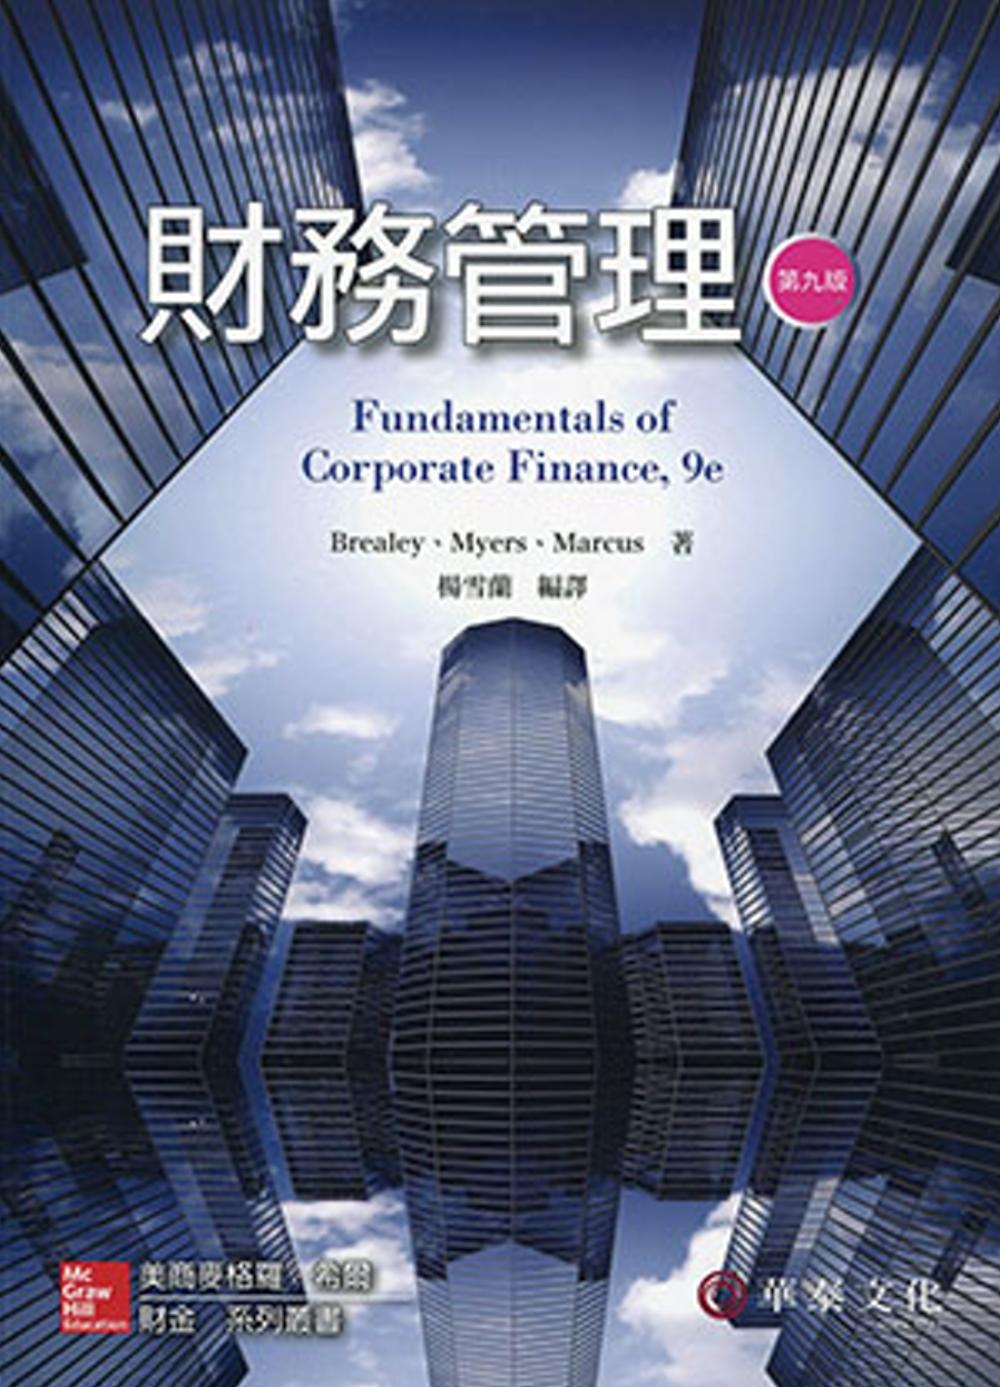 財務管理 (Brealey/Fundamentals of Corporate Finance 9e)